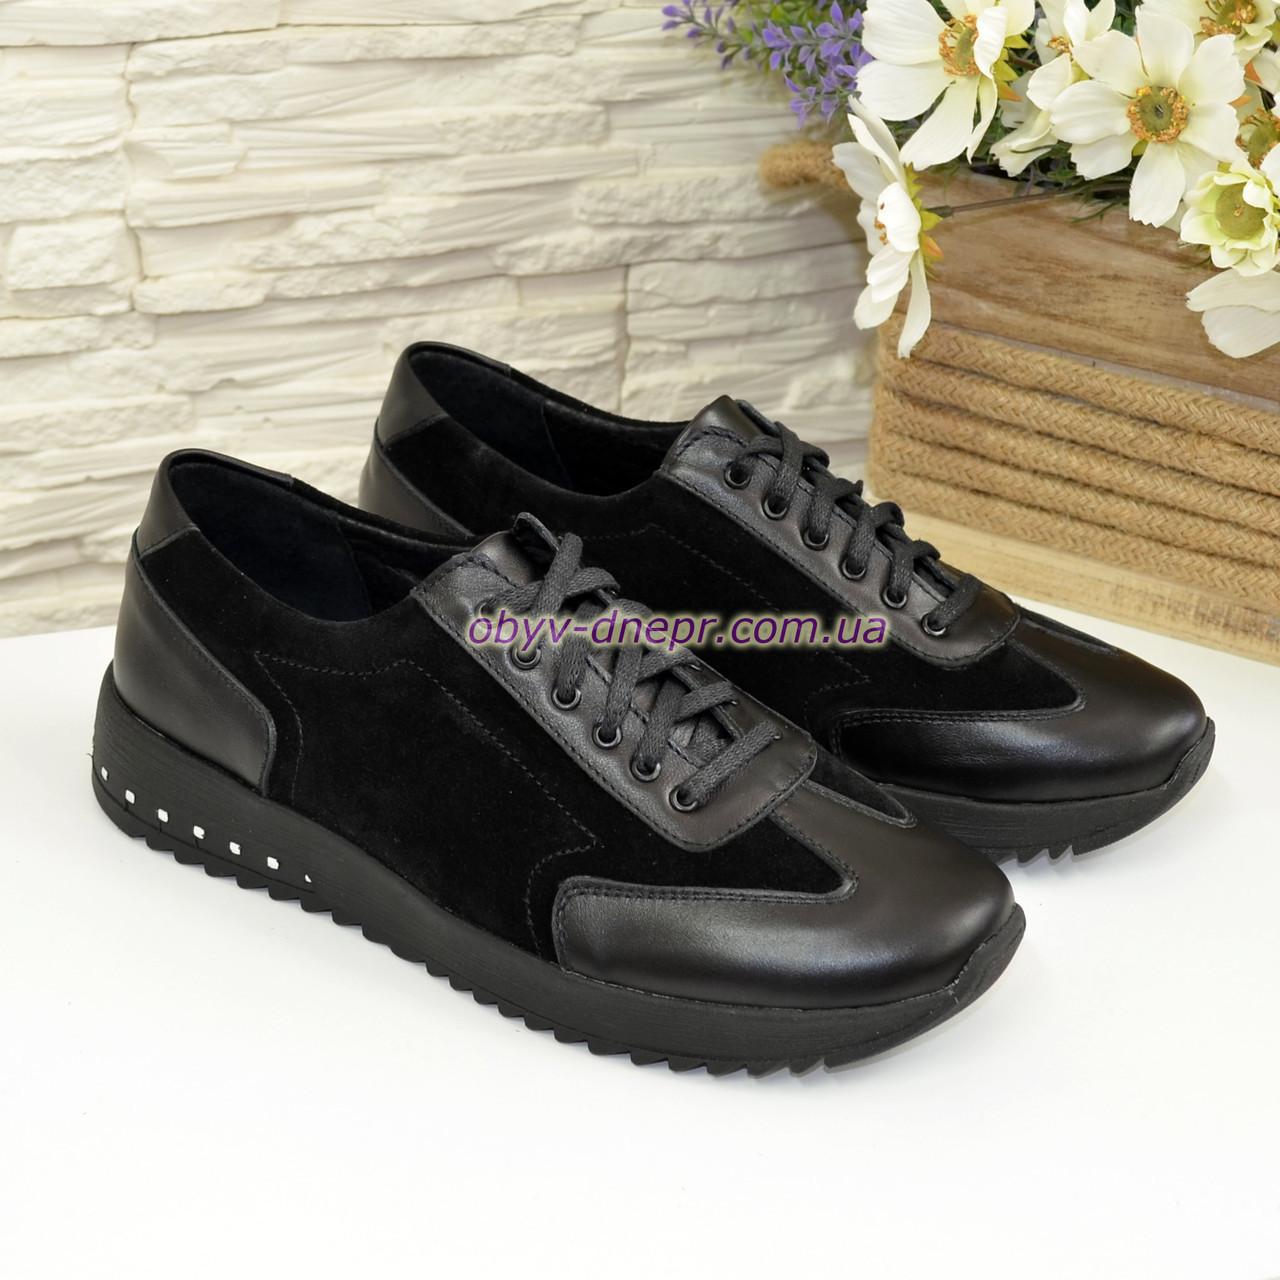 609ad23ee Туфли-кроссовки женские на утолщенной подошве, из натуральной кожи и замши  черного цвета